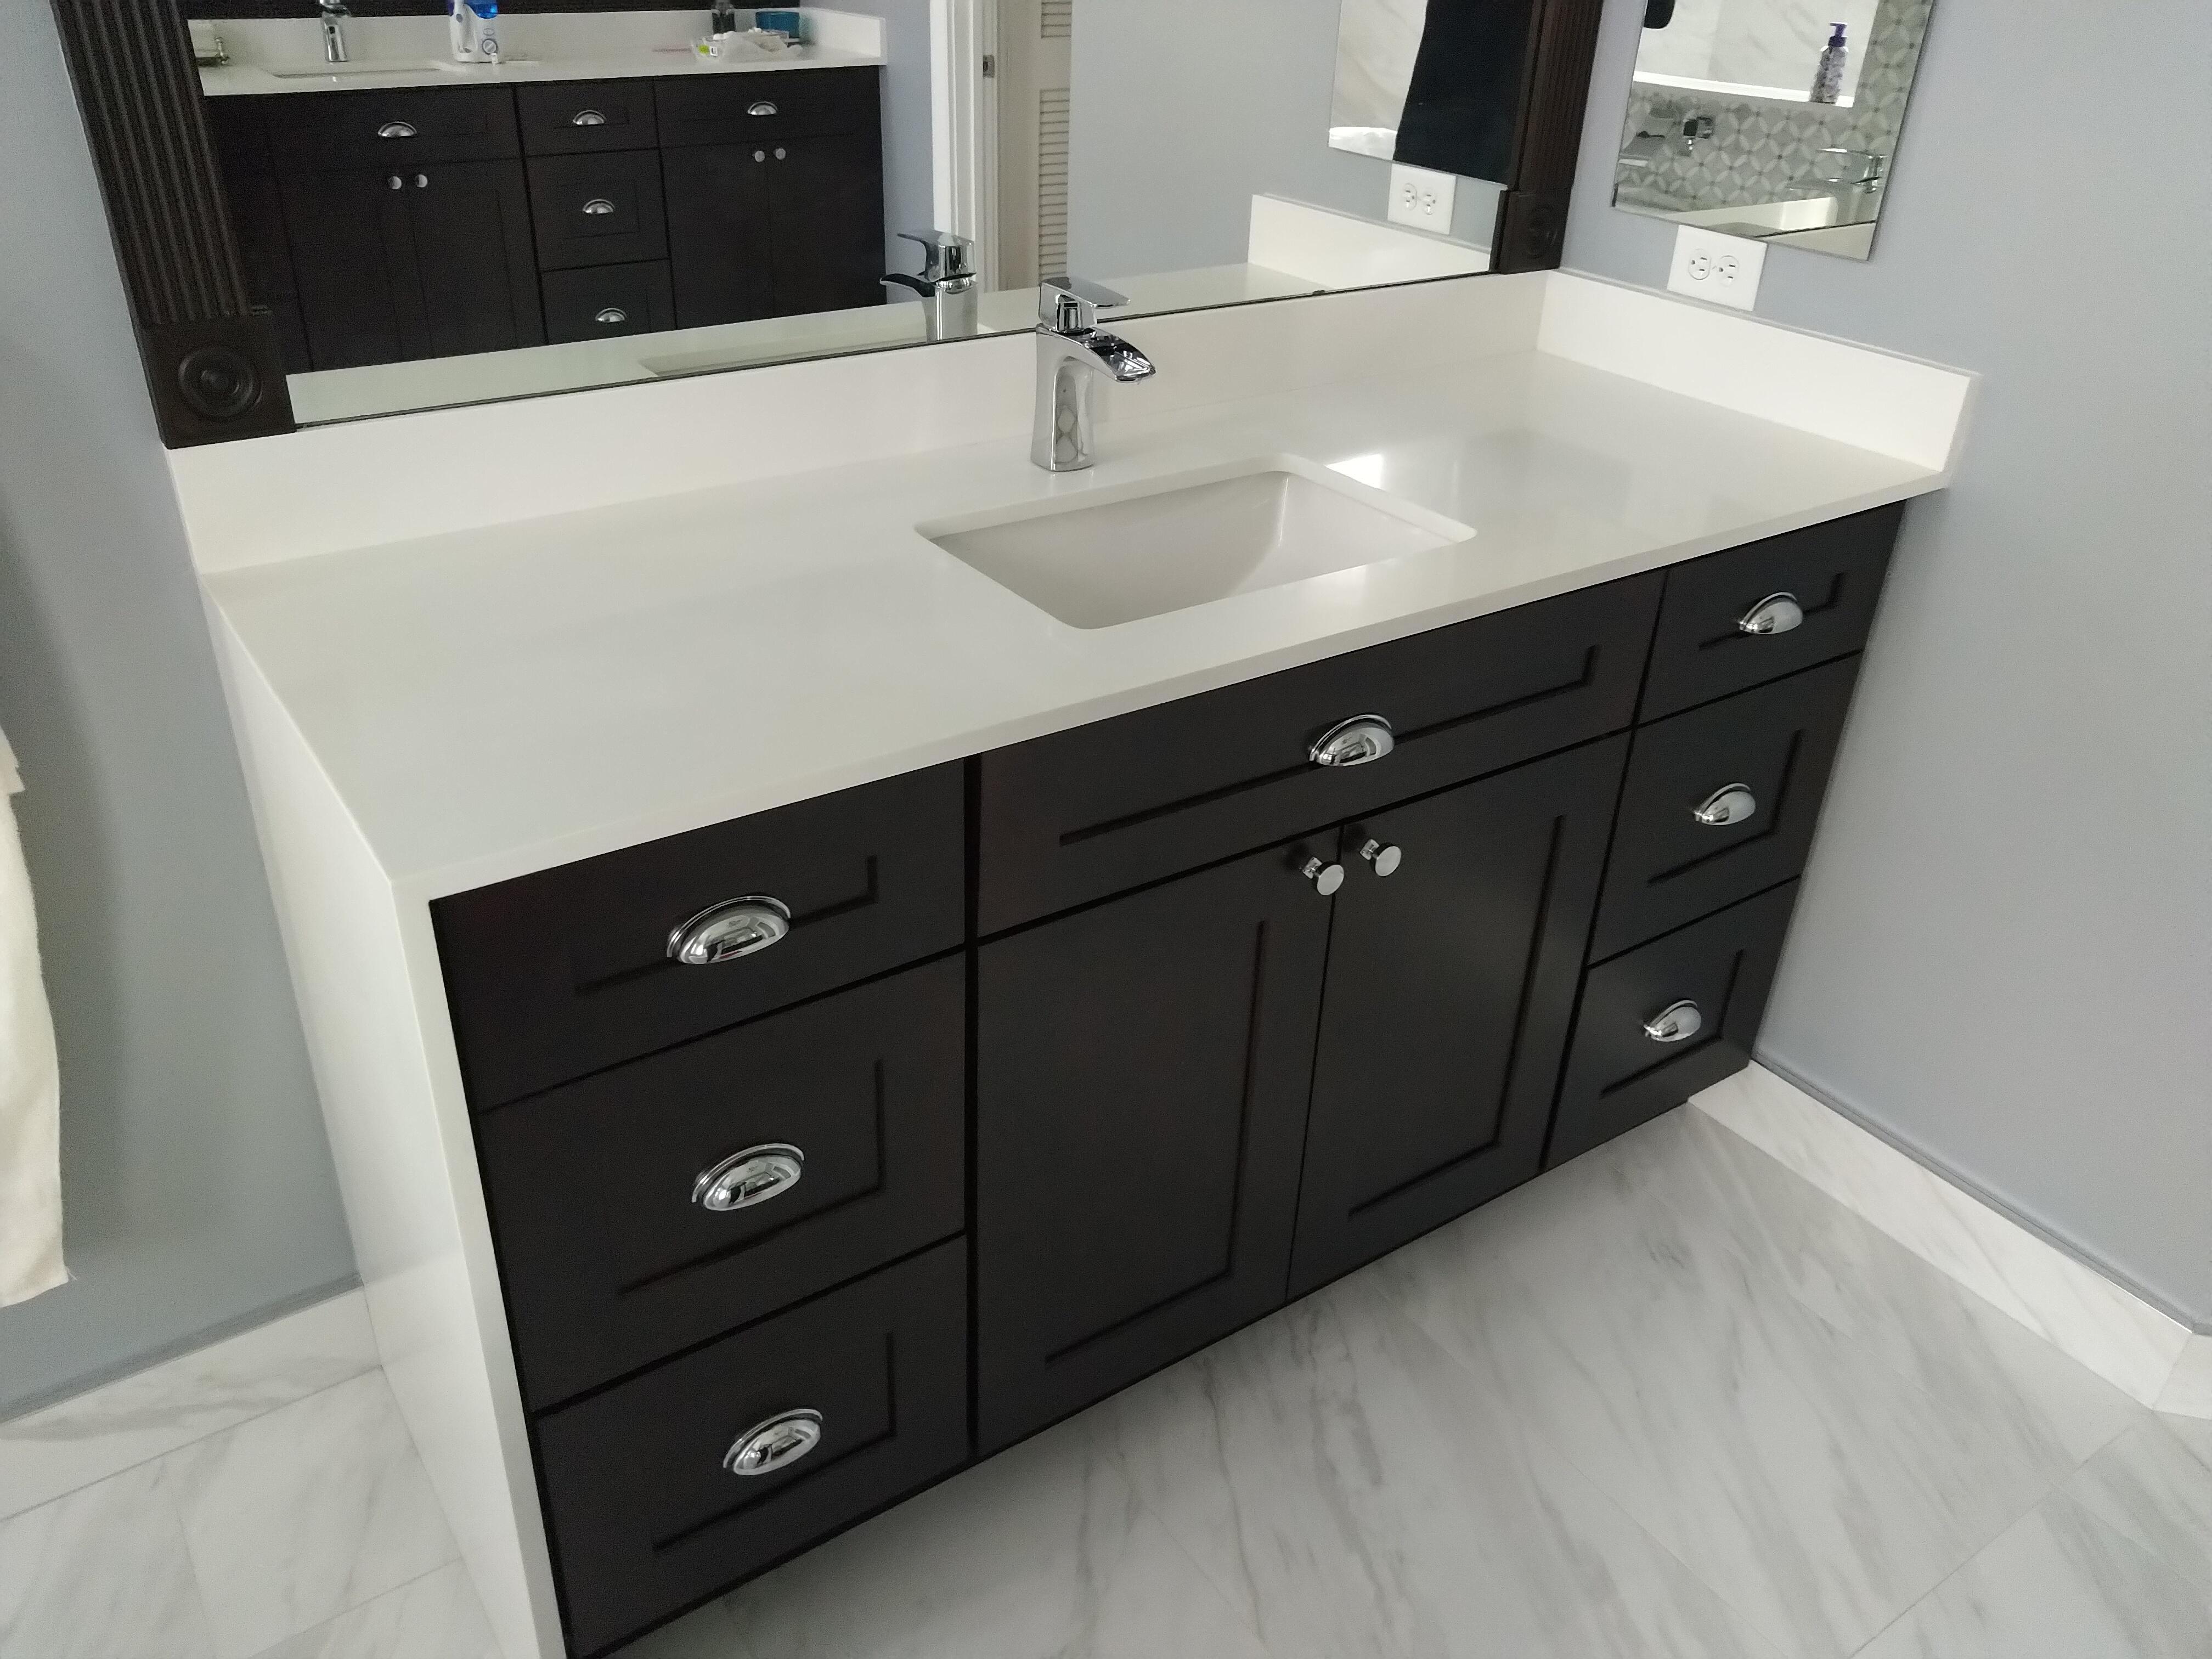 Bathroom Vanity Remodel, Ft. Lauderdale, 12/2019 - RTA ...